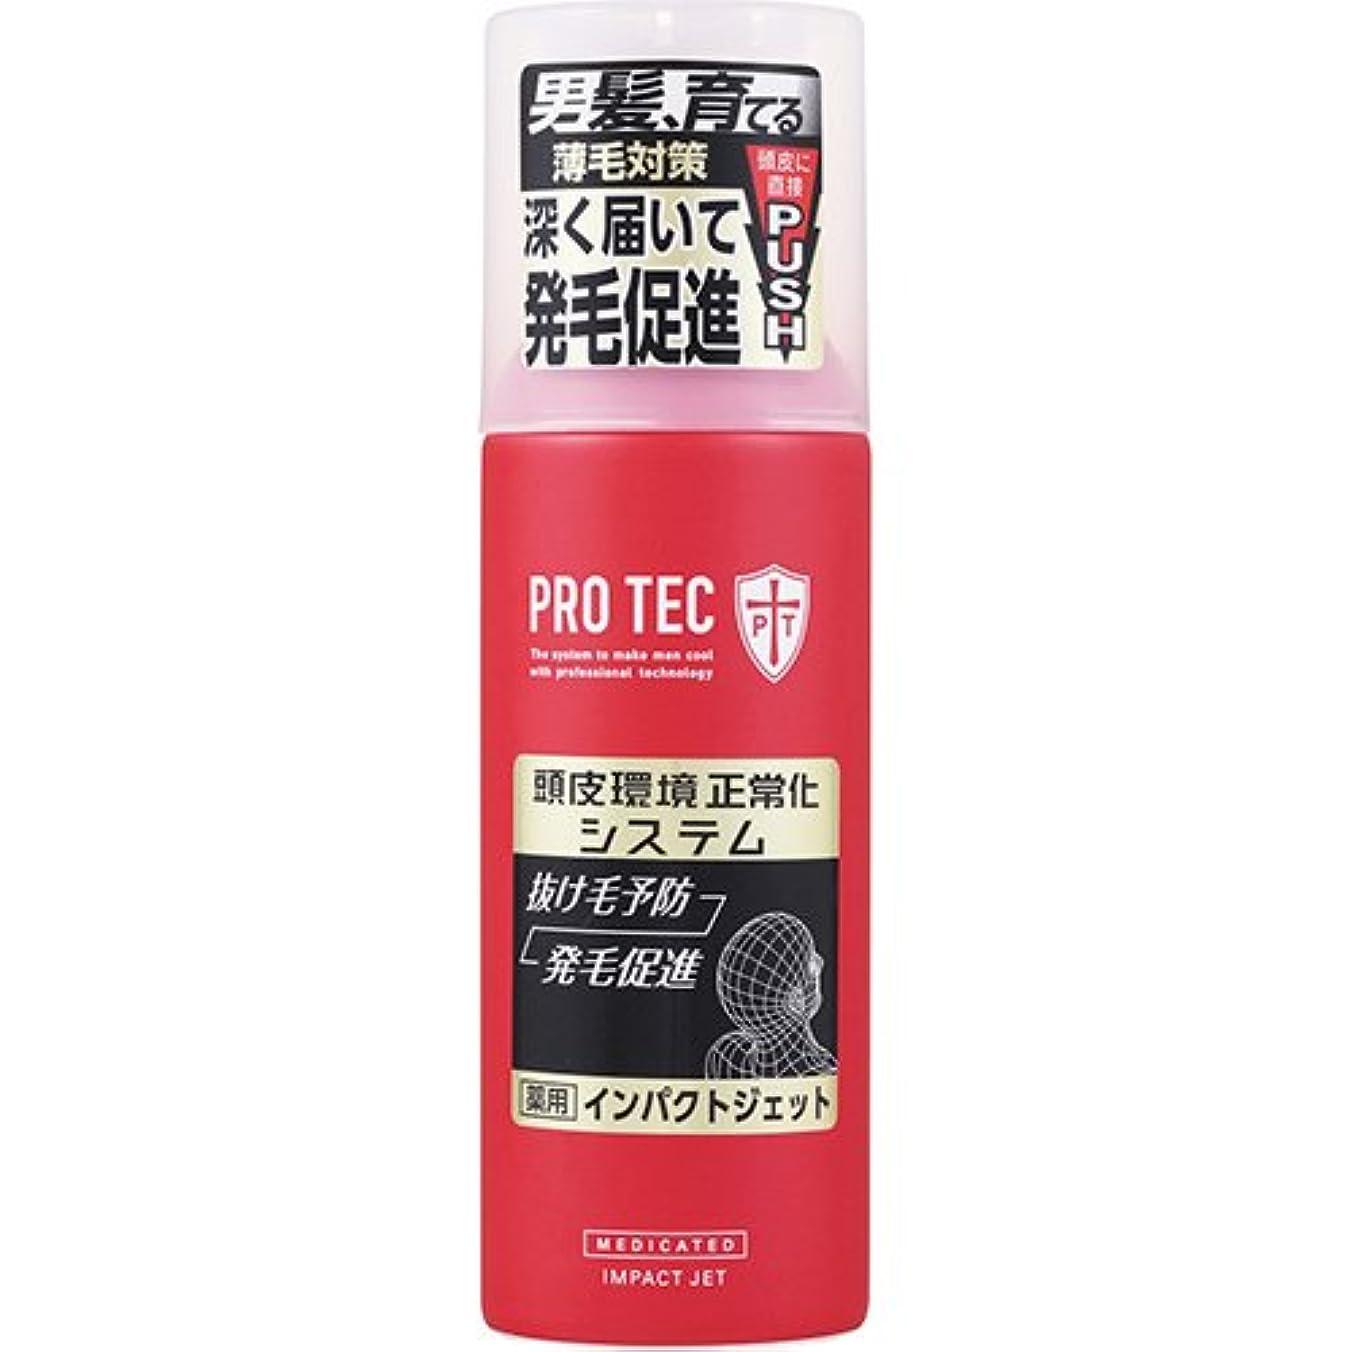 産地大破わかりやすいPRO TEC インパクトジェット 150g